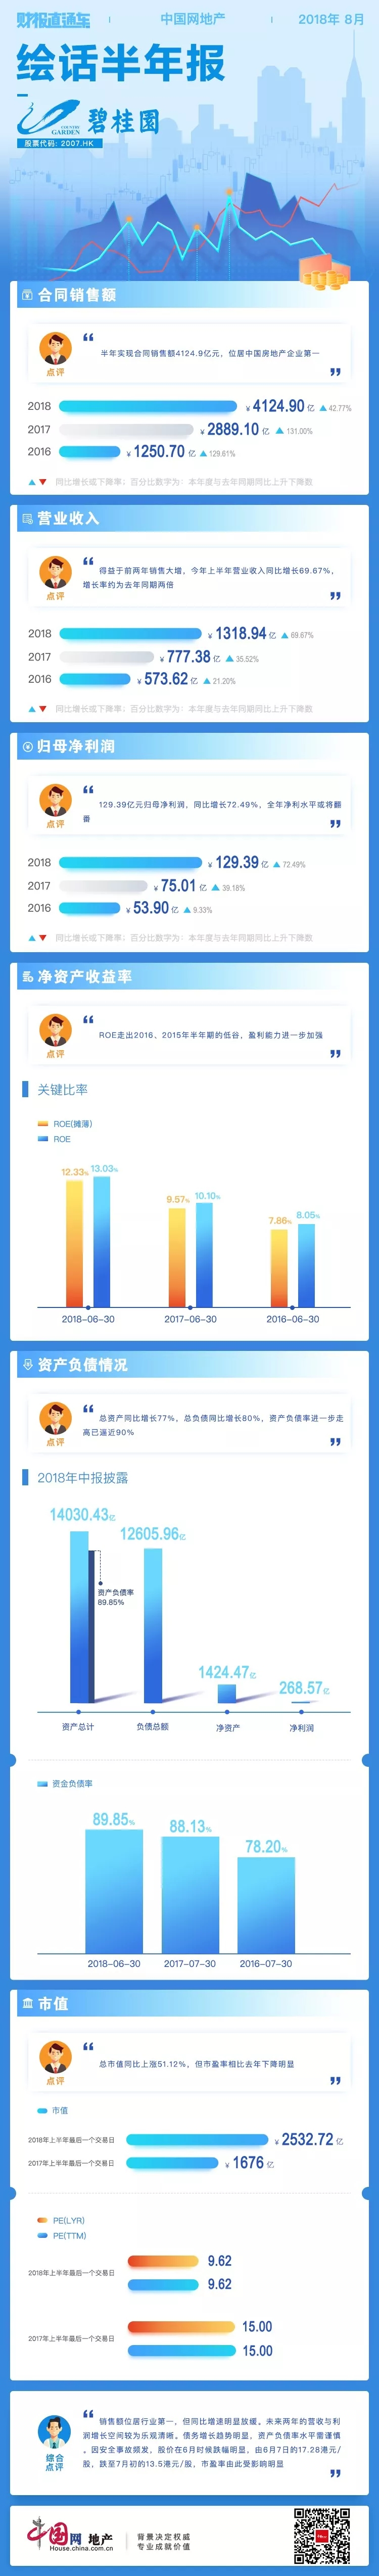 财报直通车 | 绘话半年报13期——碧桂园-中国网地产